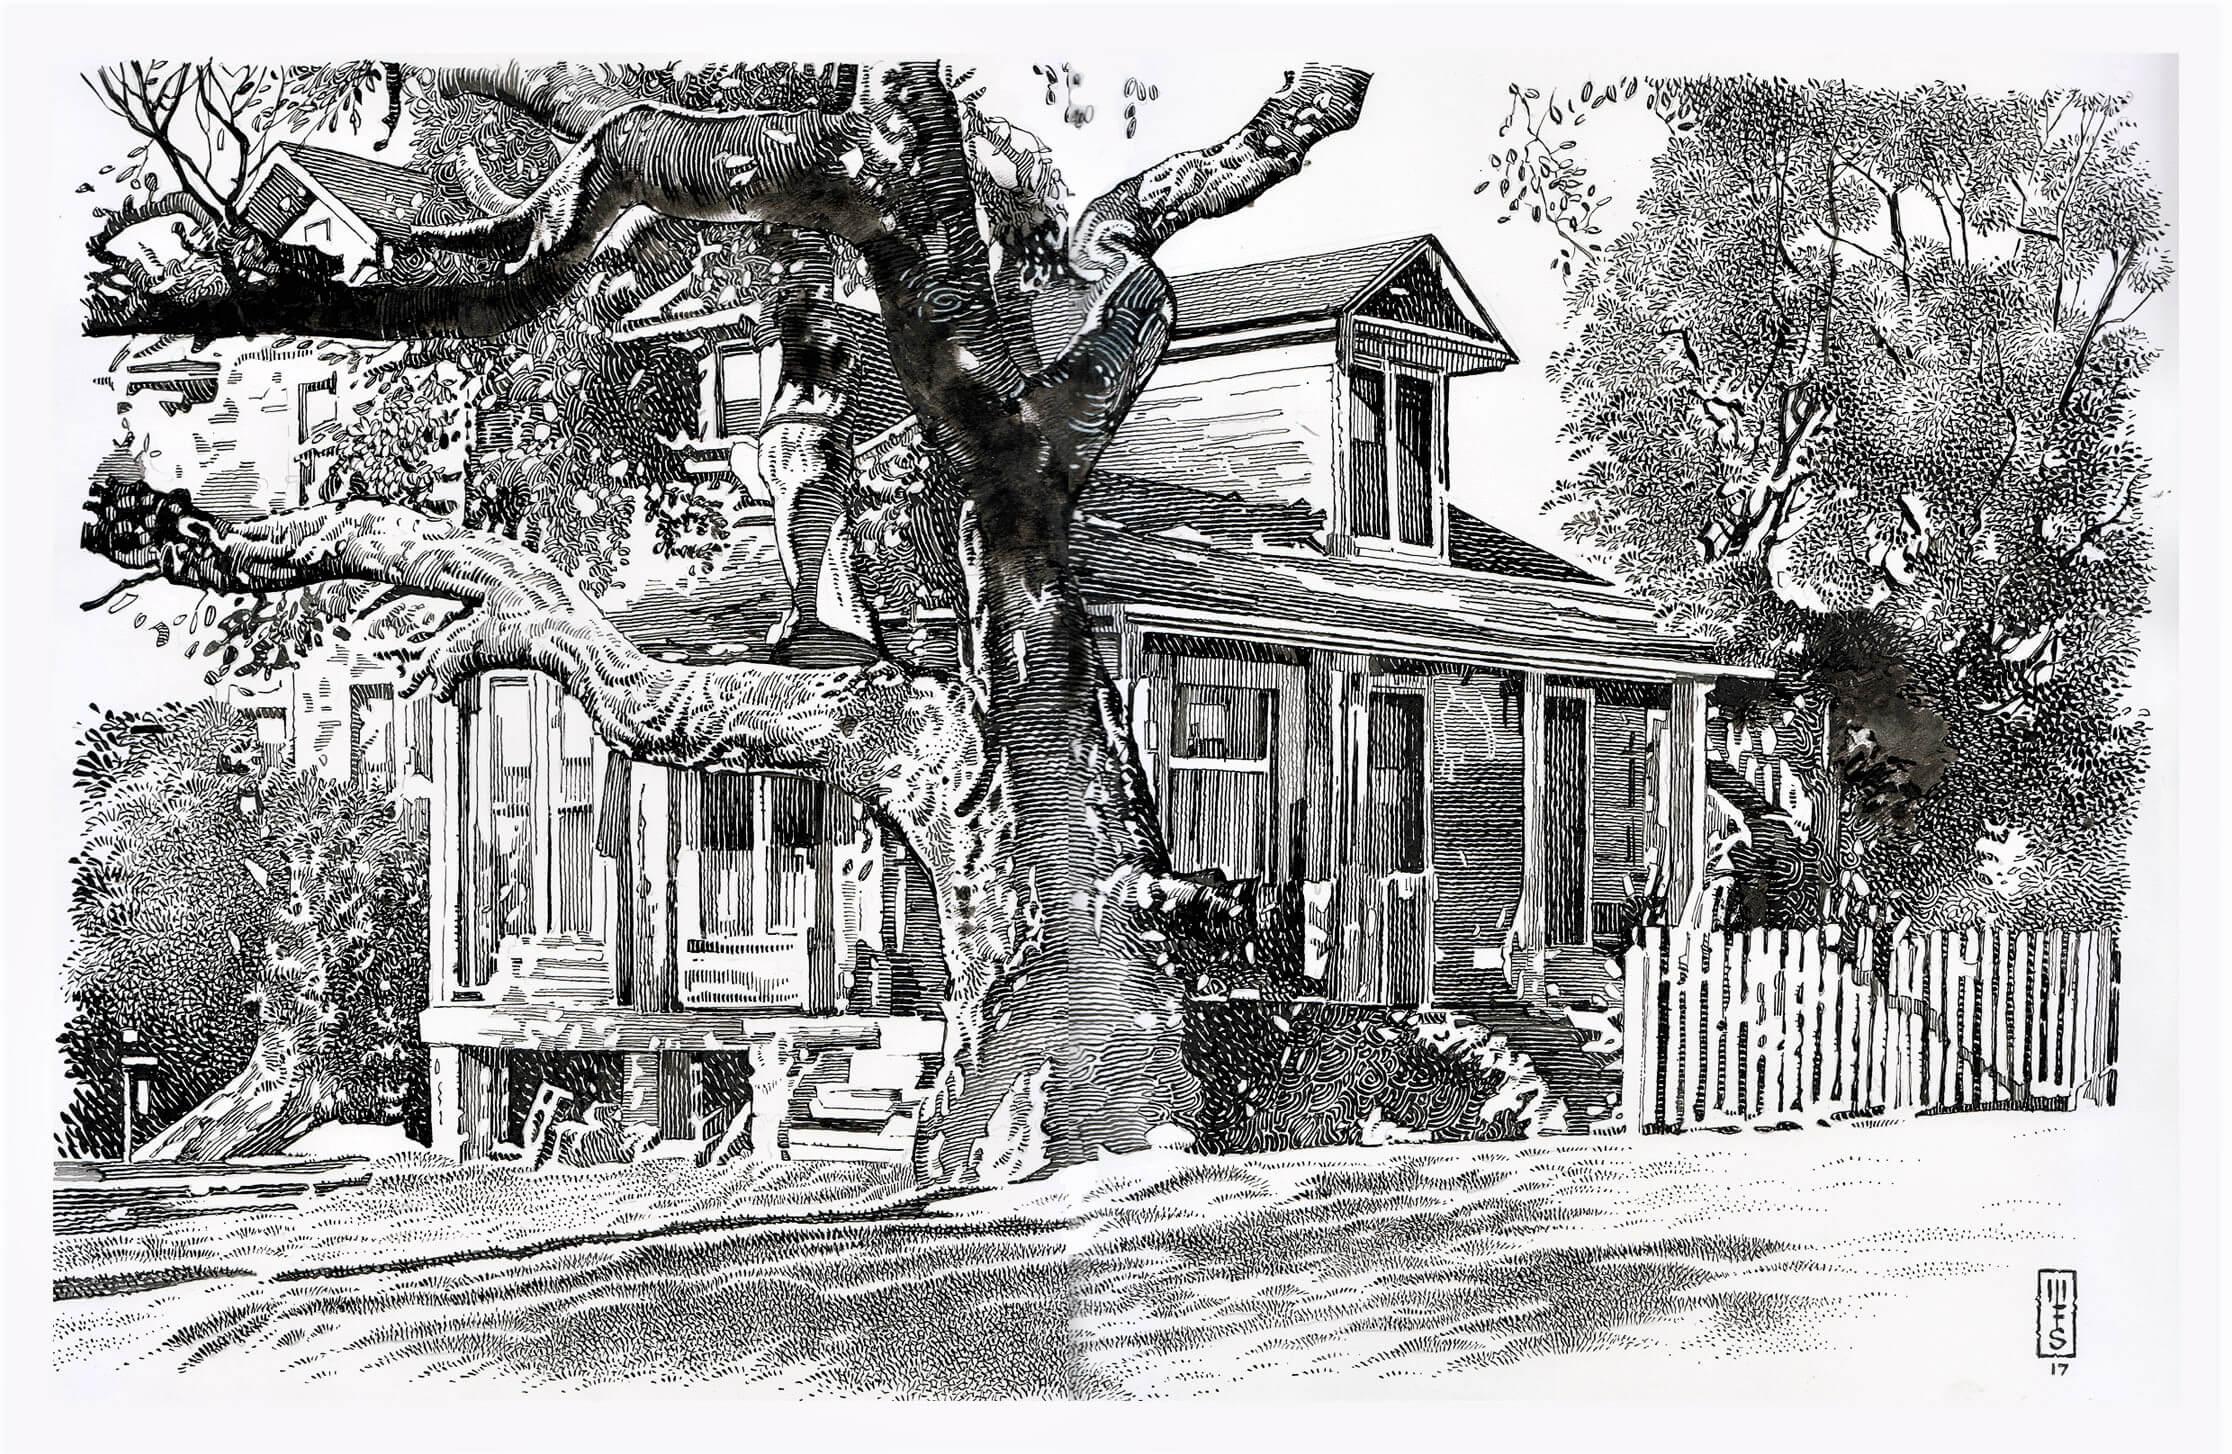 Radley house